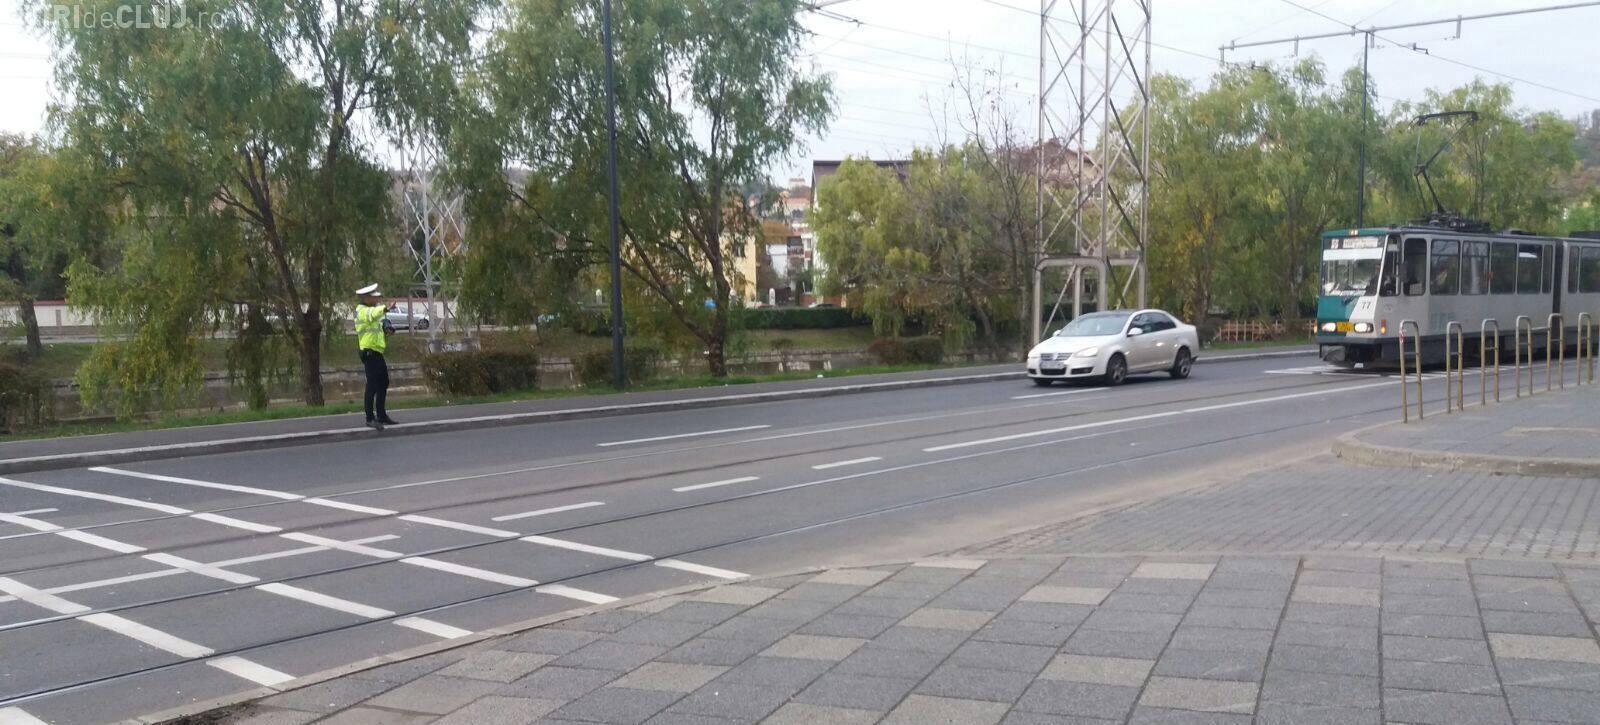 Razie pe strada Splaiul Independenței, din Cluj. Câți șoferi au rămas fără permis în doar câteva ore